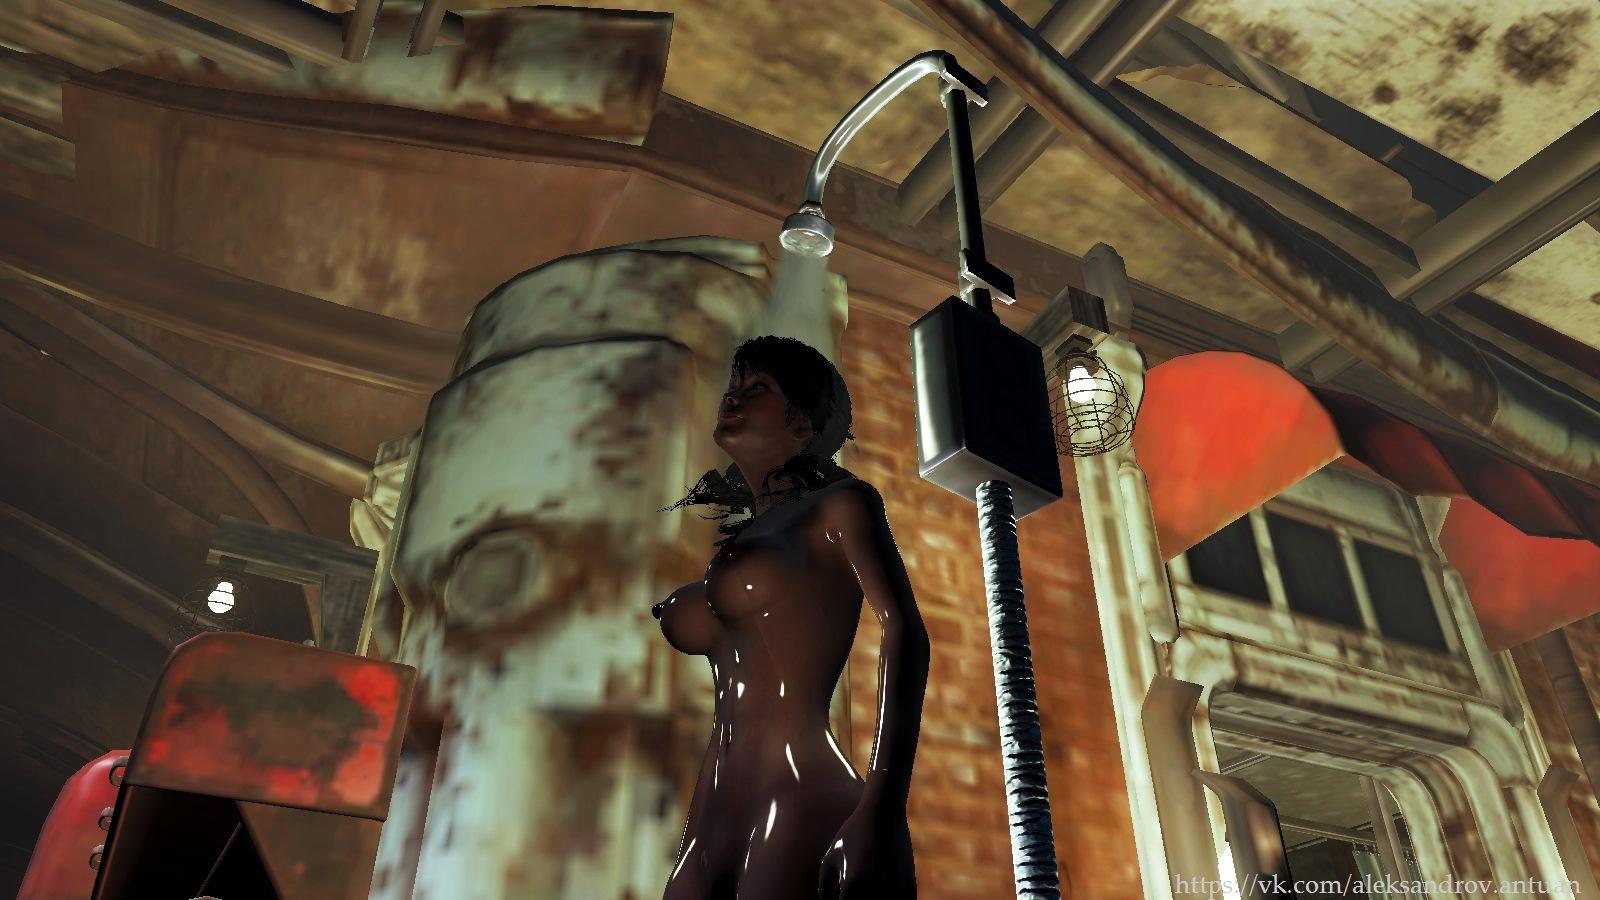 """Душ по пути в """"Райские кущи"""". Заправка Красная ракета, Остров. - Fallout 4 CWSS Redux, Остров"""